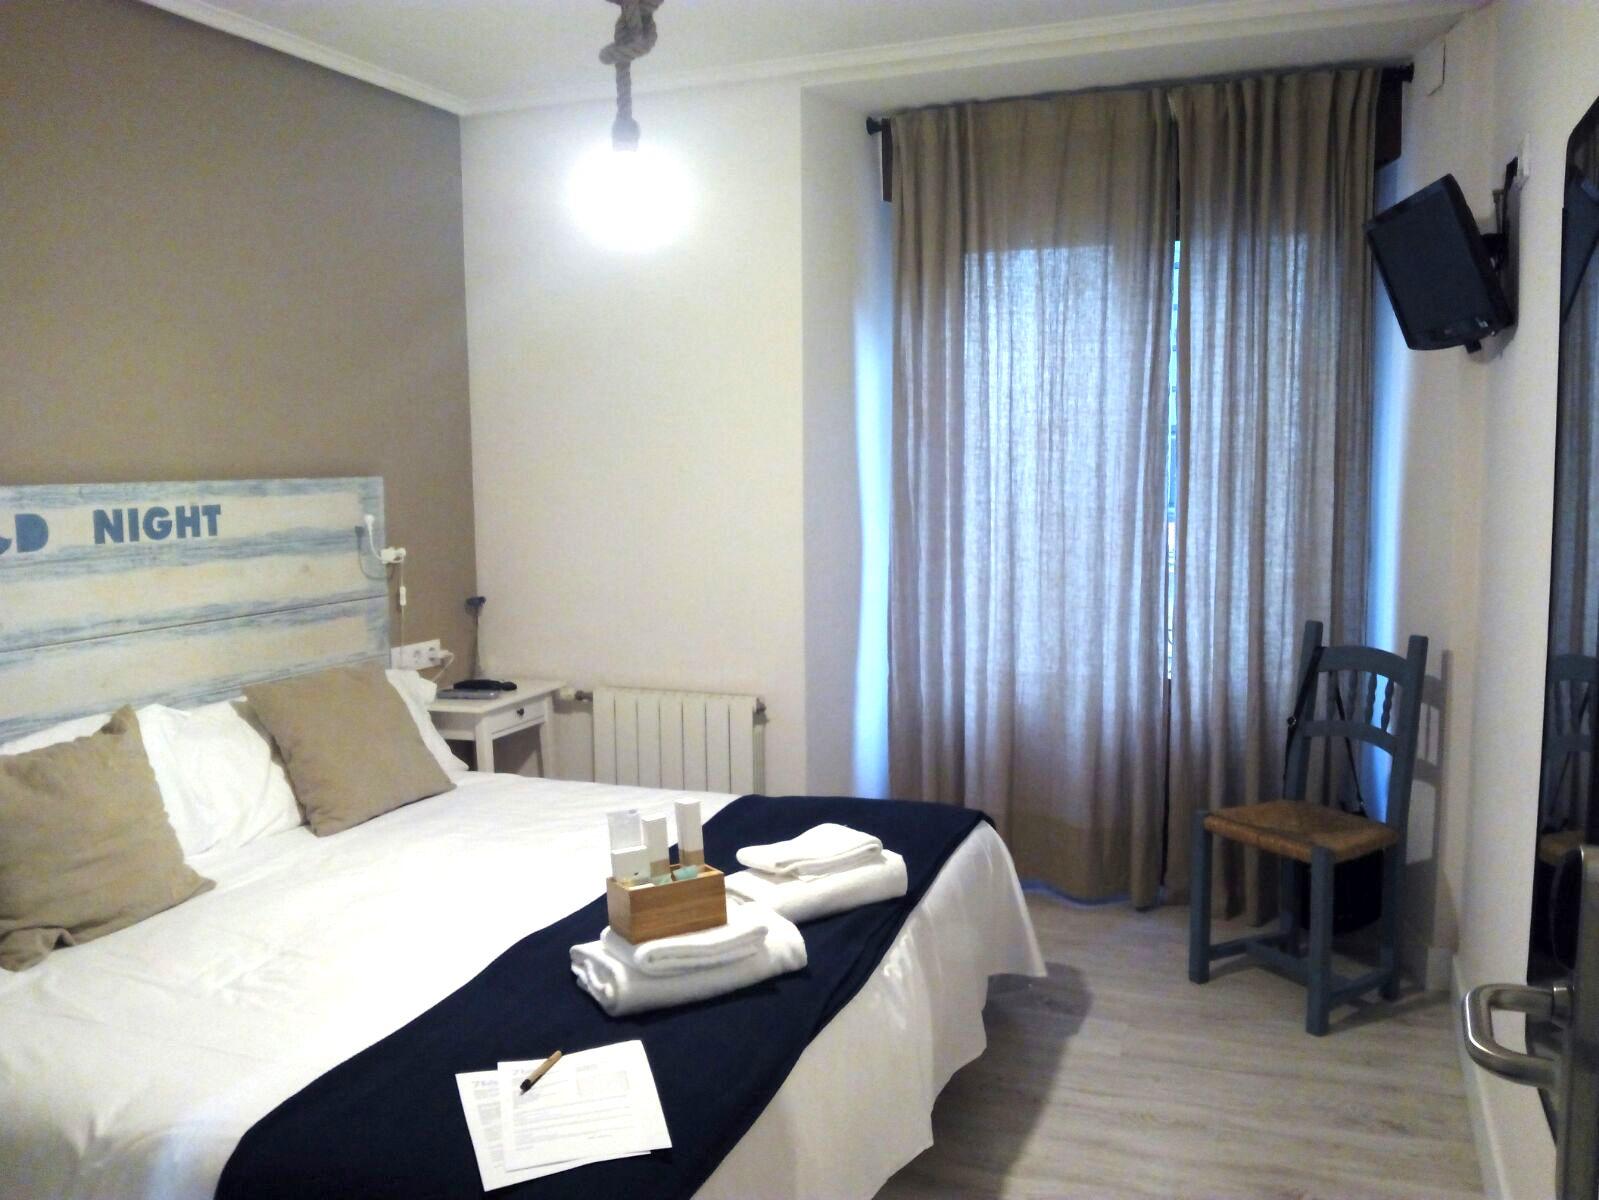 Hotel en Bilbao 7 Kale Bed & Breakfast